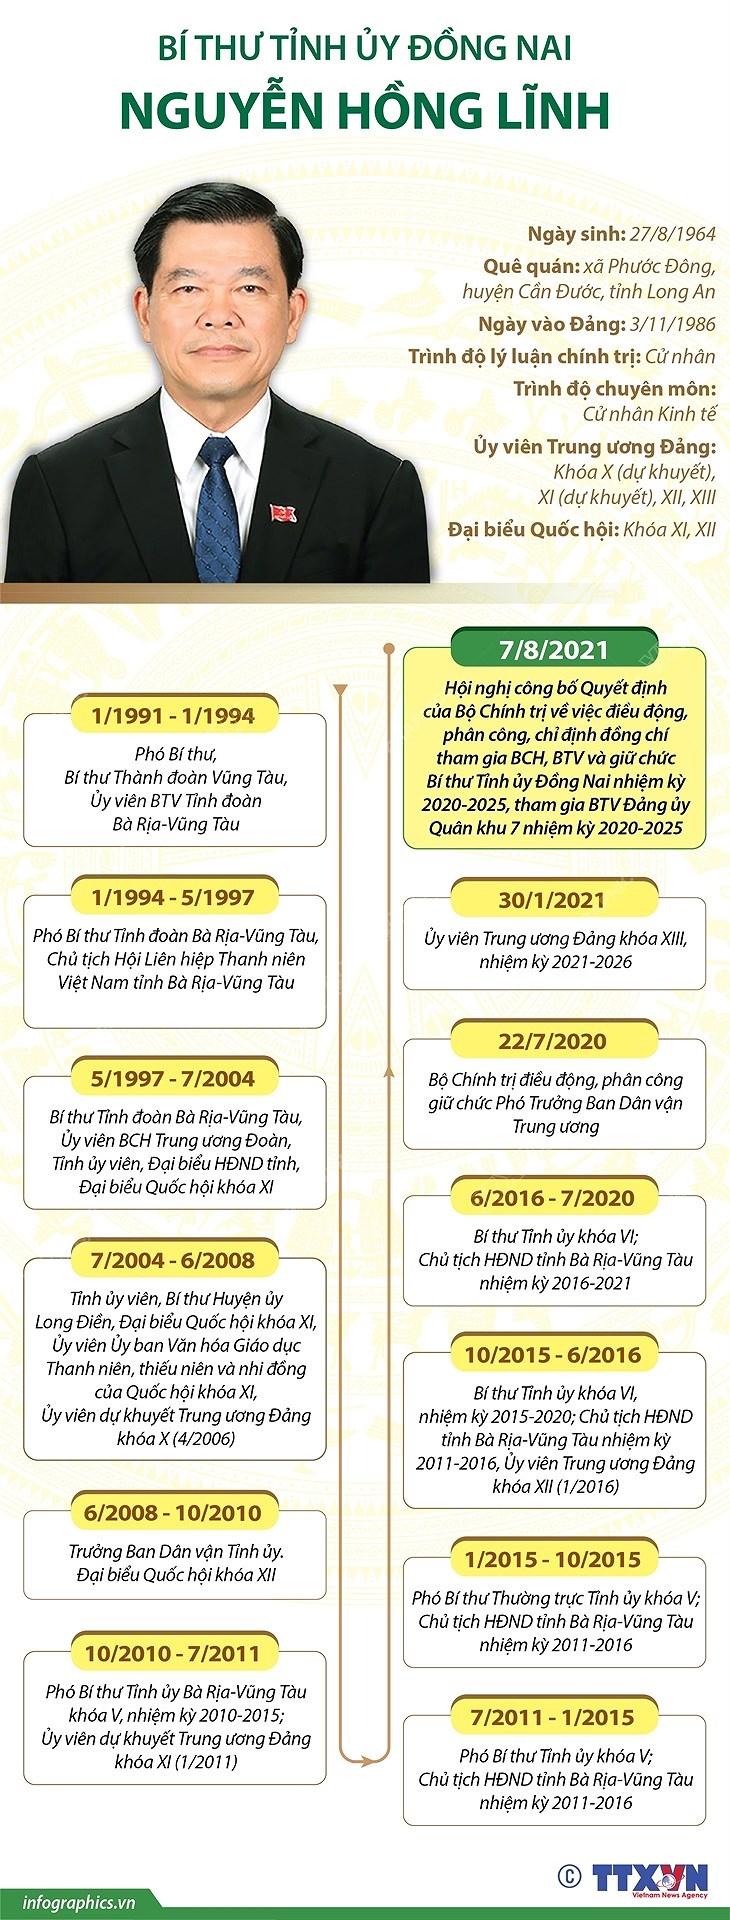 [Infographics] Bi thu Tinh uy Dong Nai Nguyen Hong Linh hinh anh 1